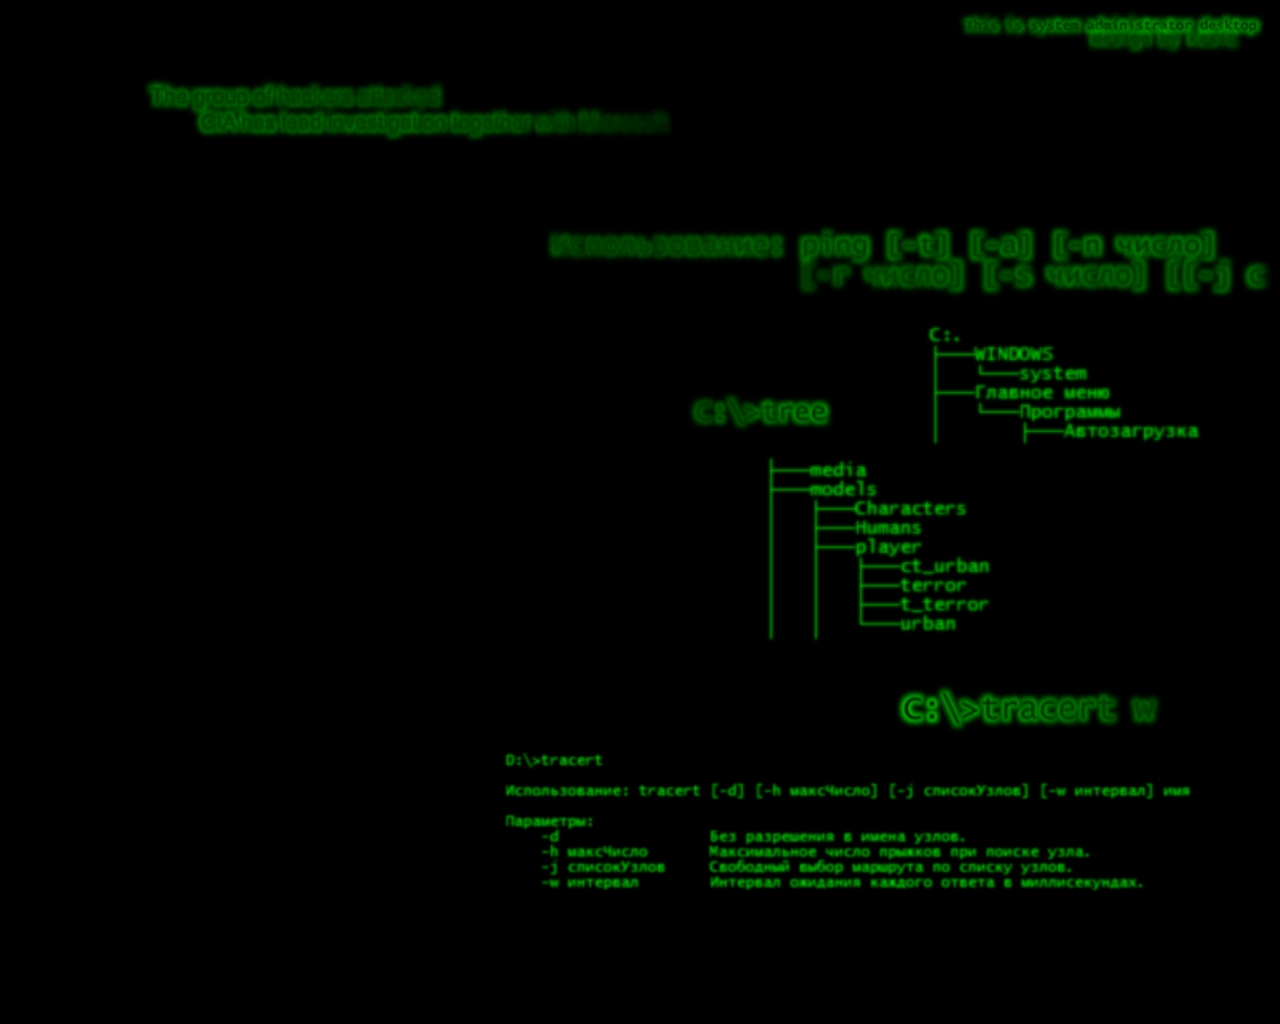 Hacker Wallpaper hacker hd wallpaper 1280x1024